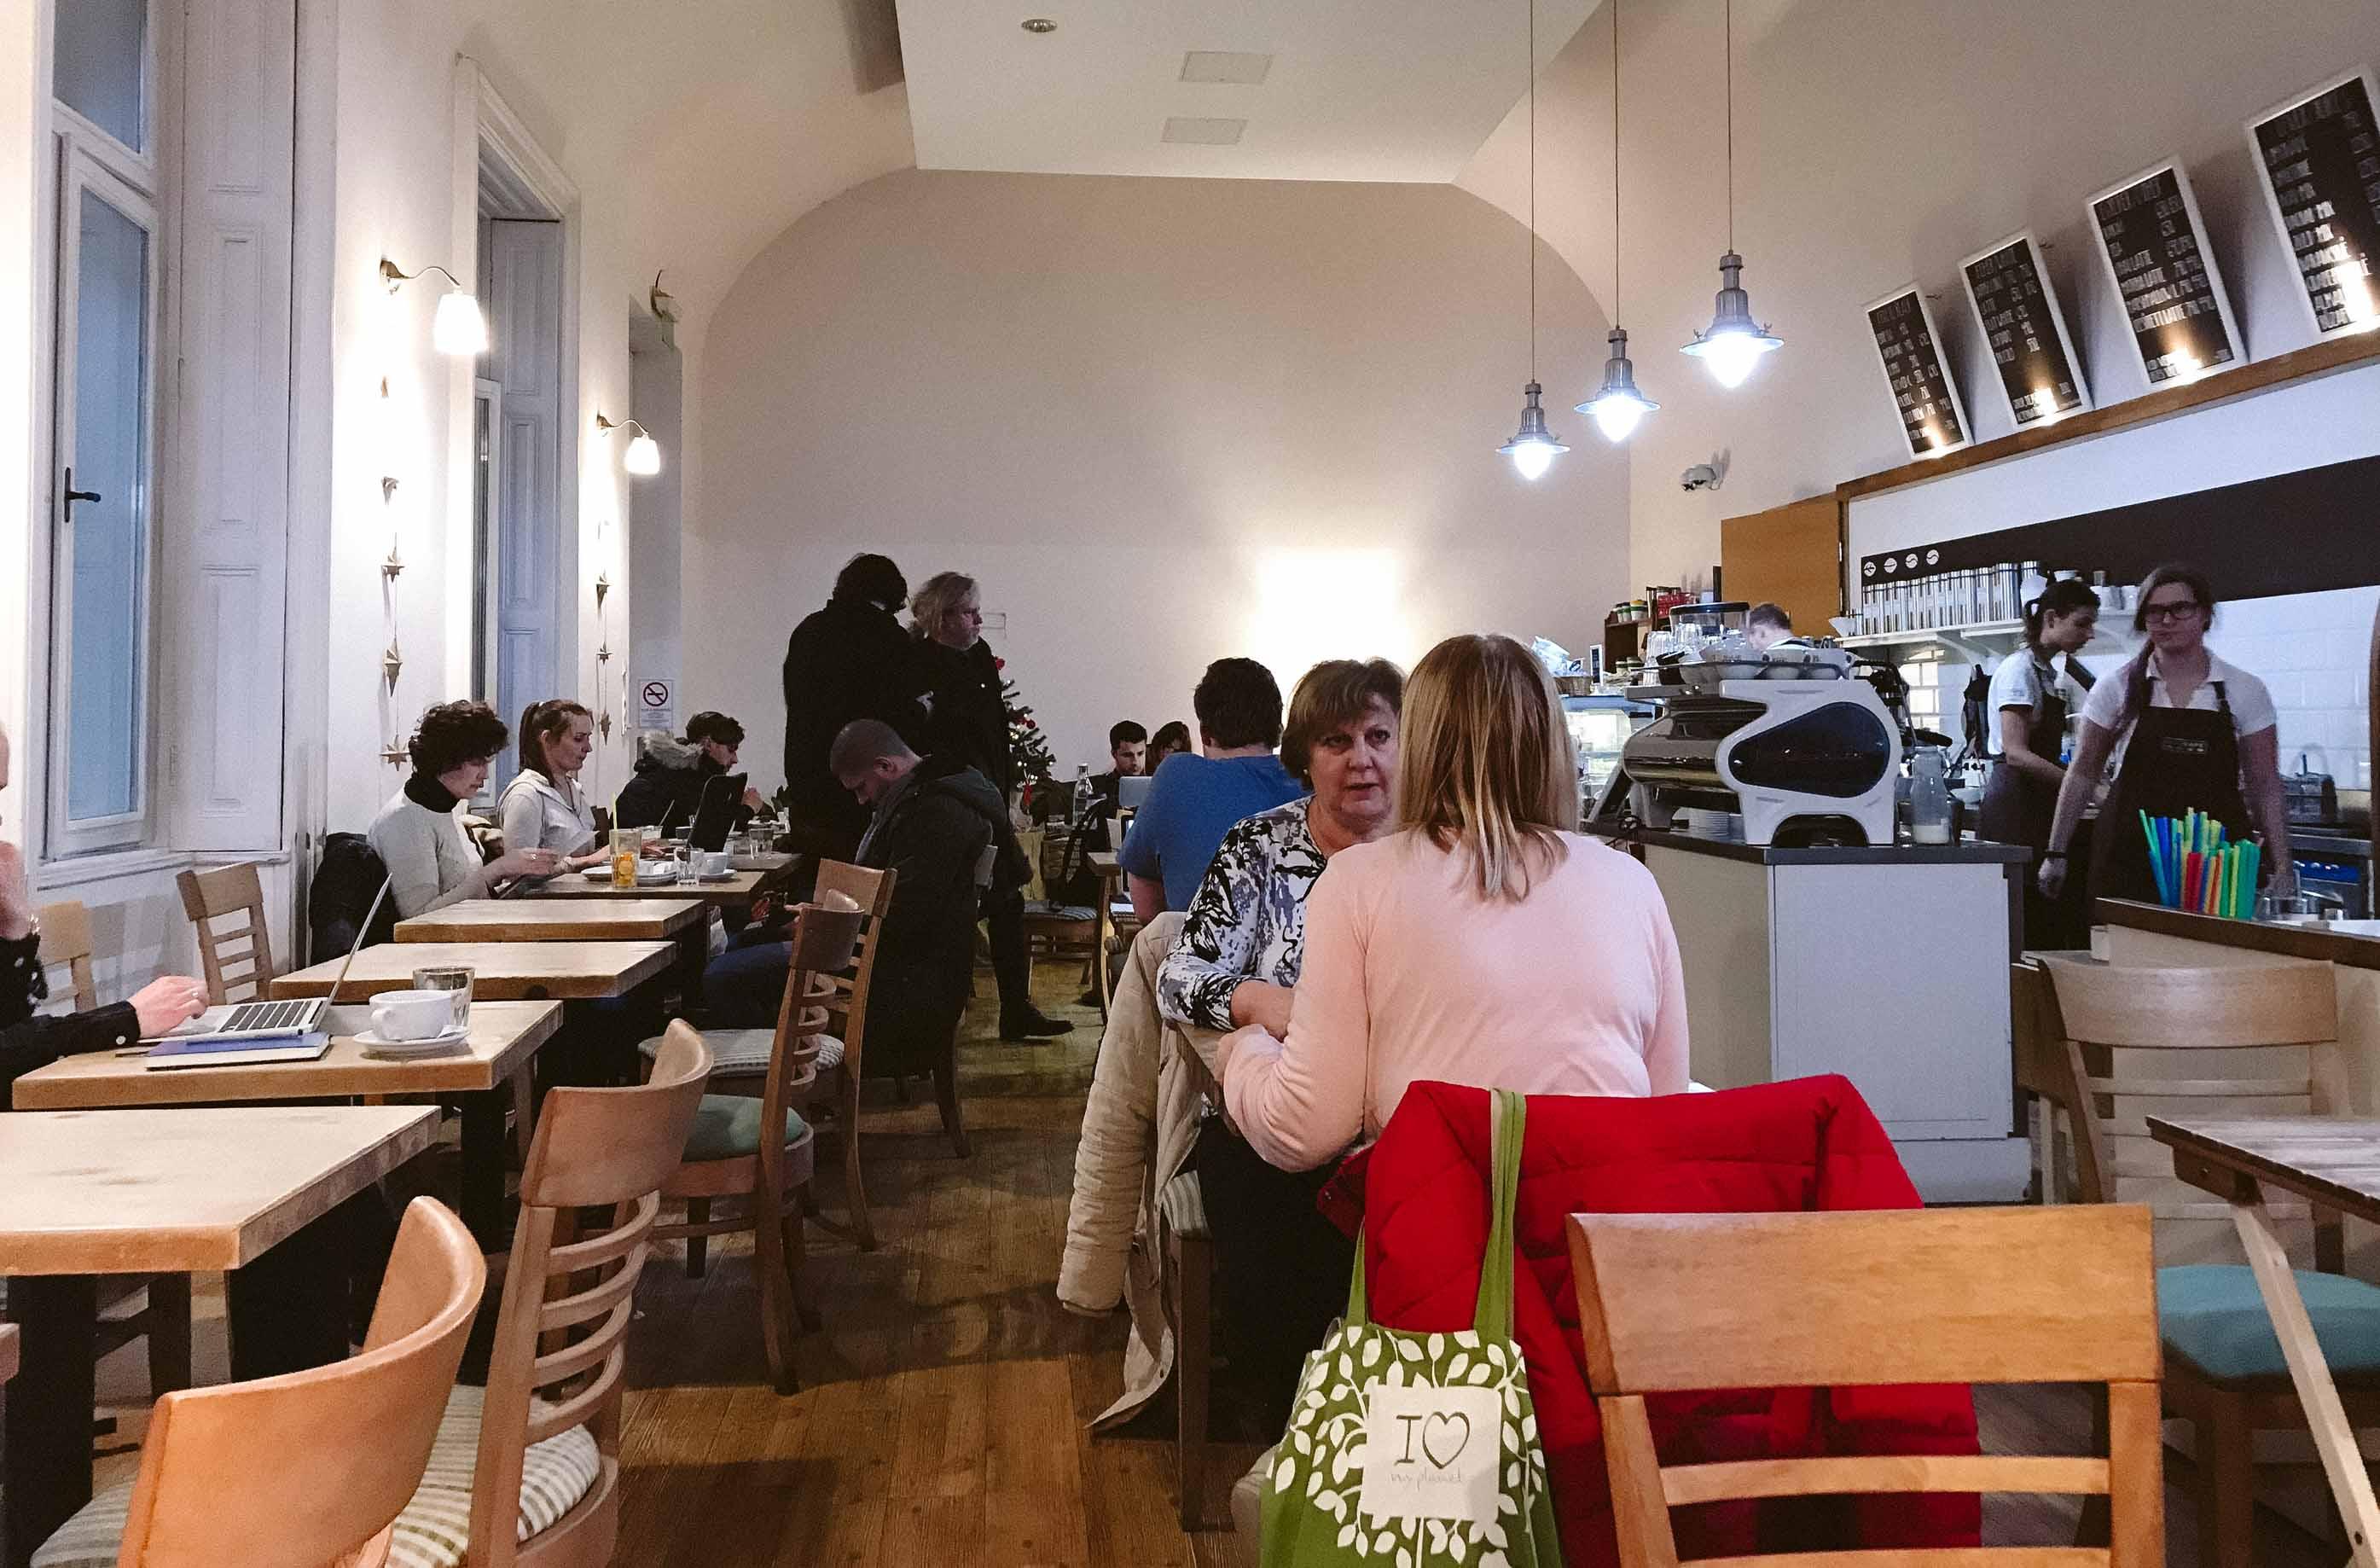 5 крутых кофешопов для фрилансеров в Будапеште - Ecocafe